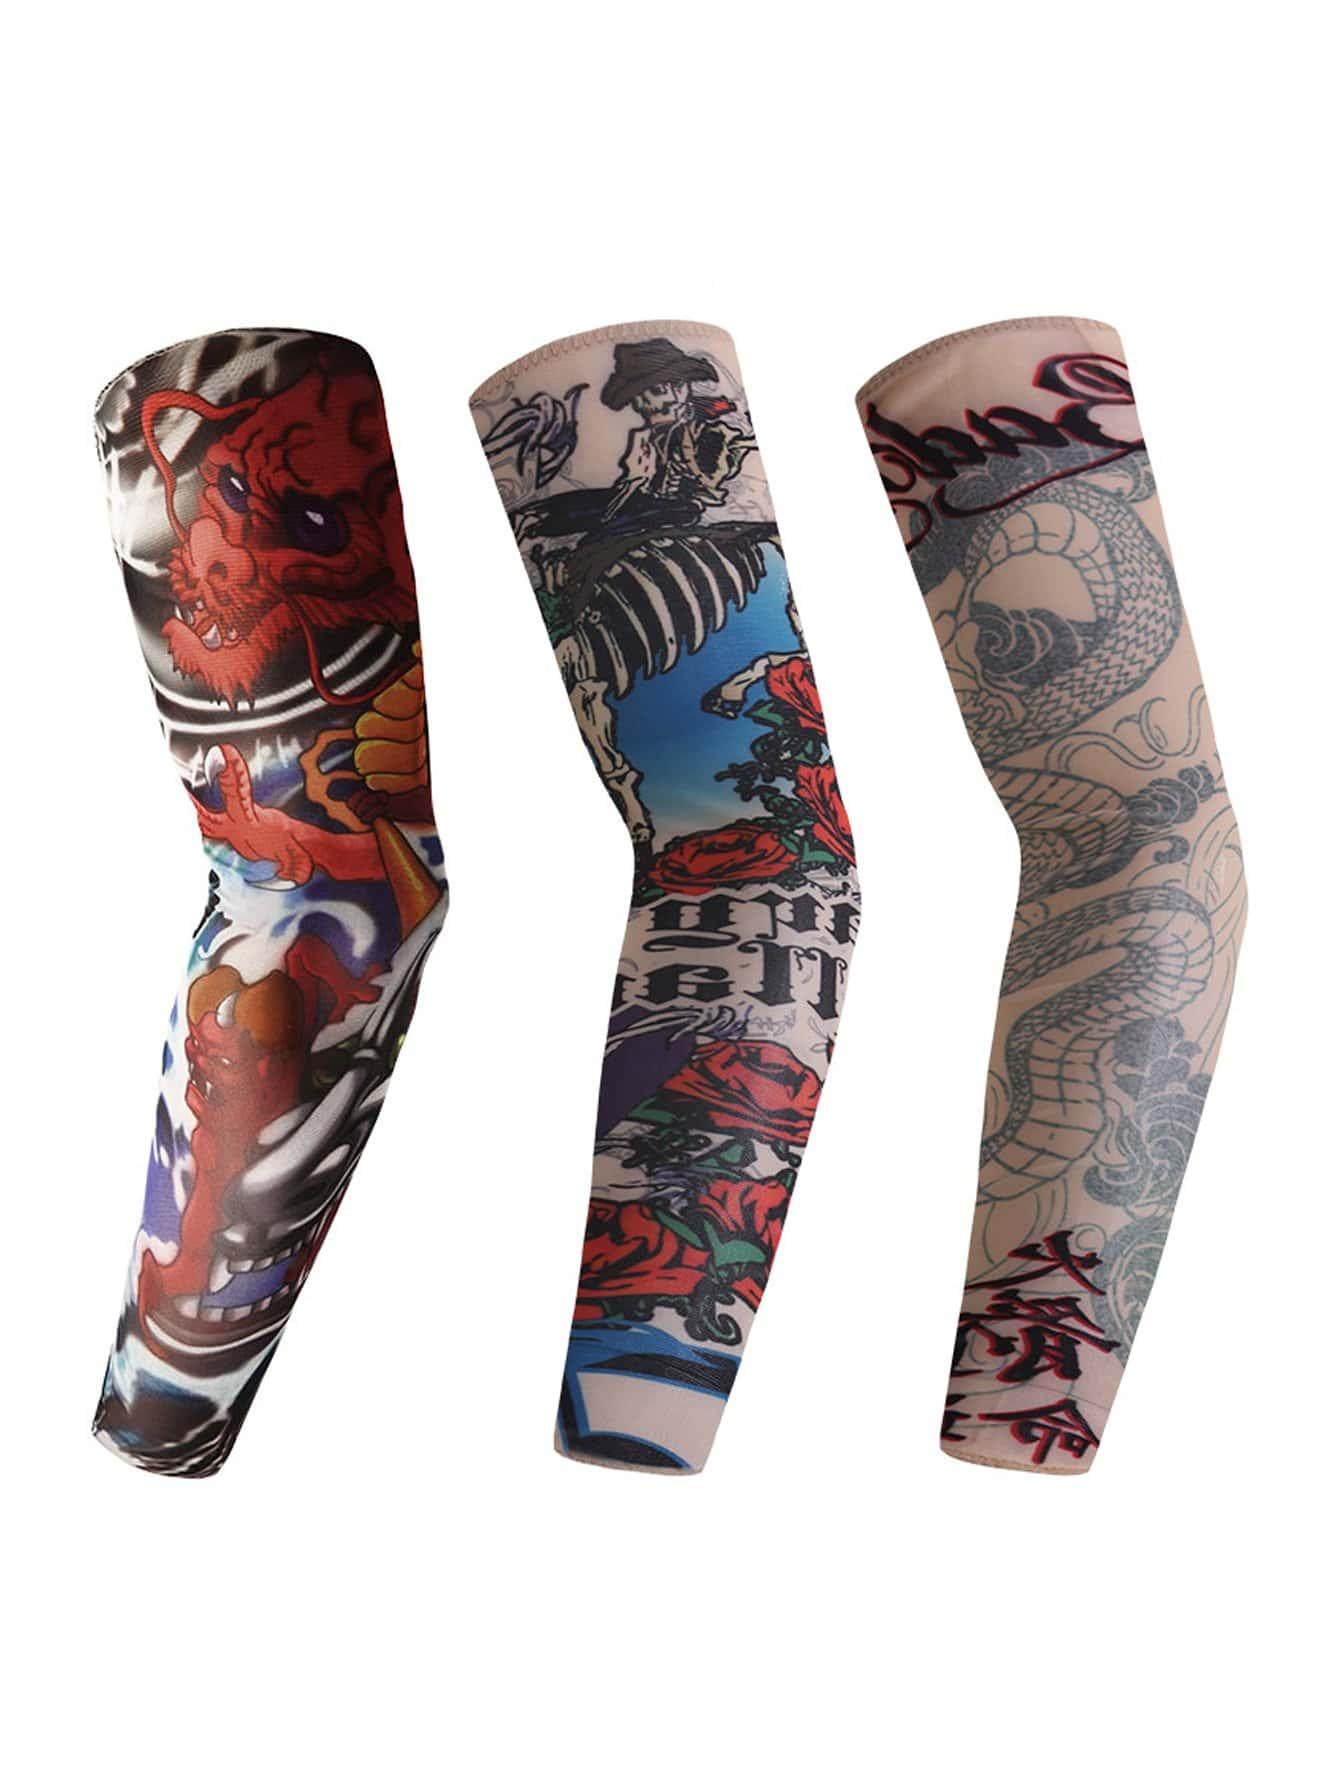 Männer Sonnencreme Arm Tattoo Ärmeln 3PCs